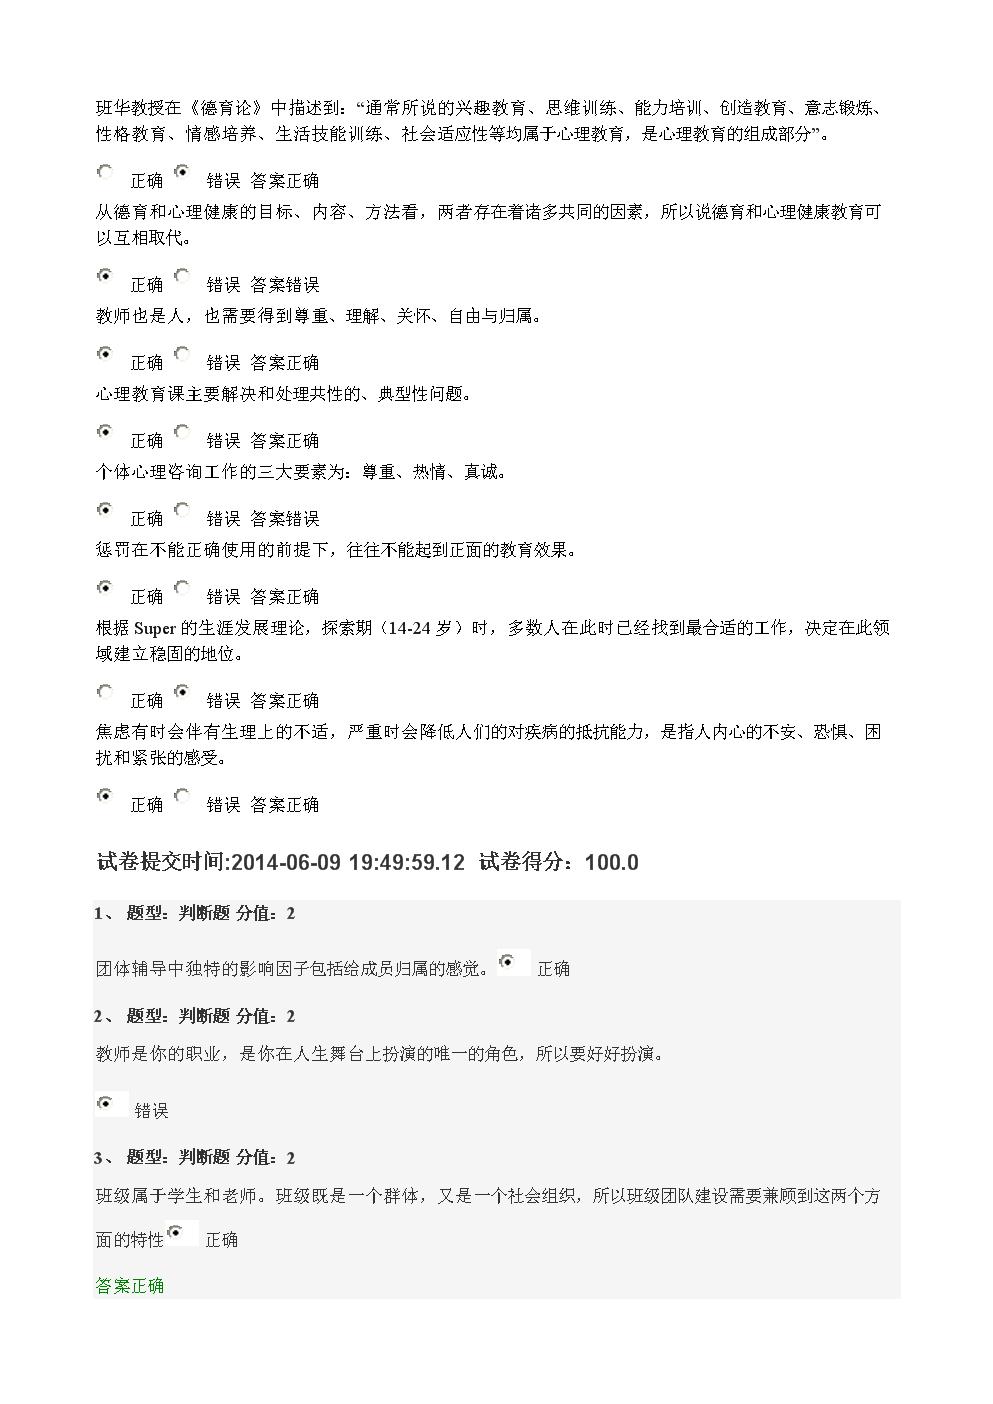 心理健康知识网络竞赛综合题库.doc